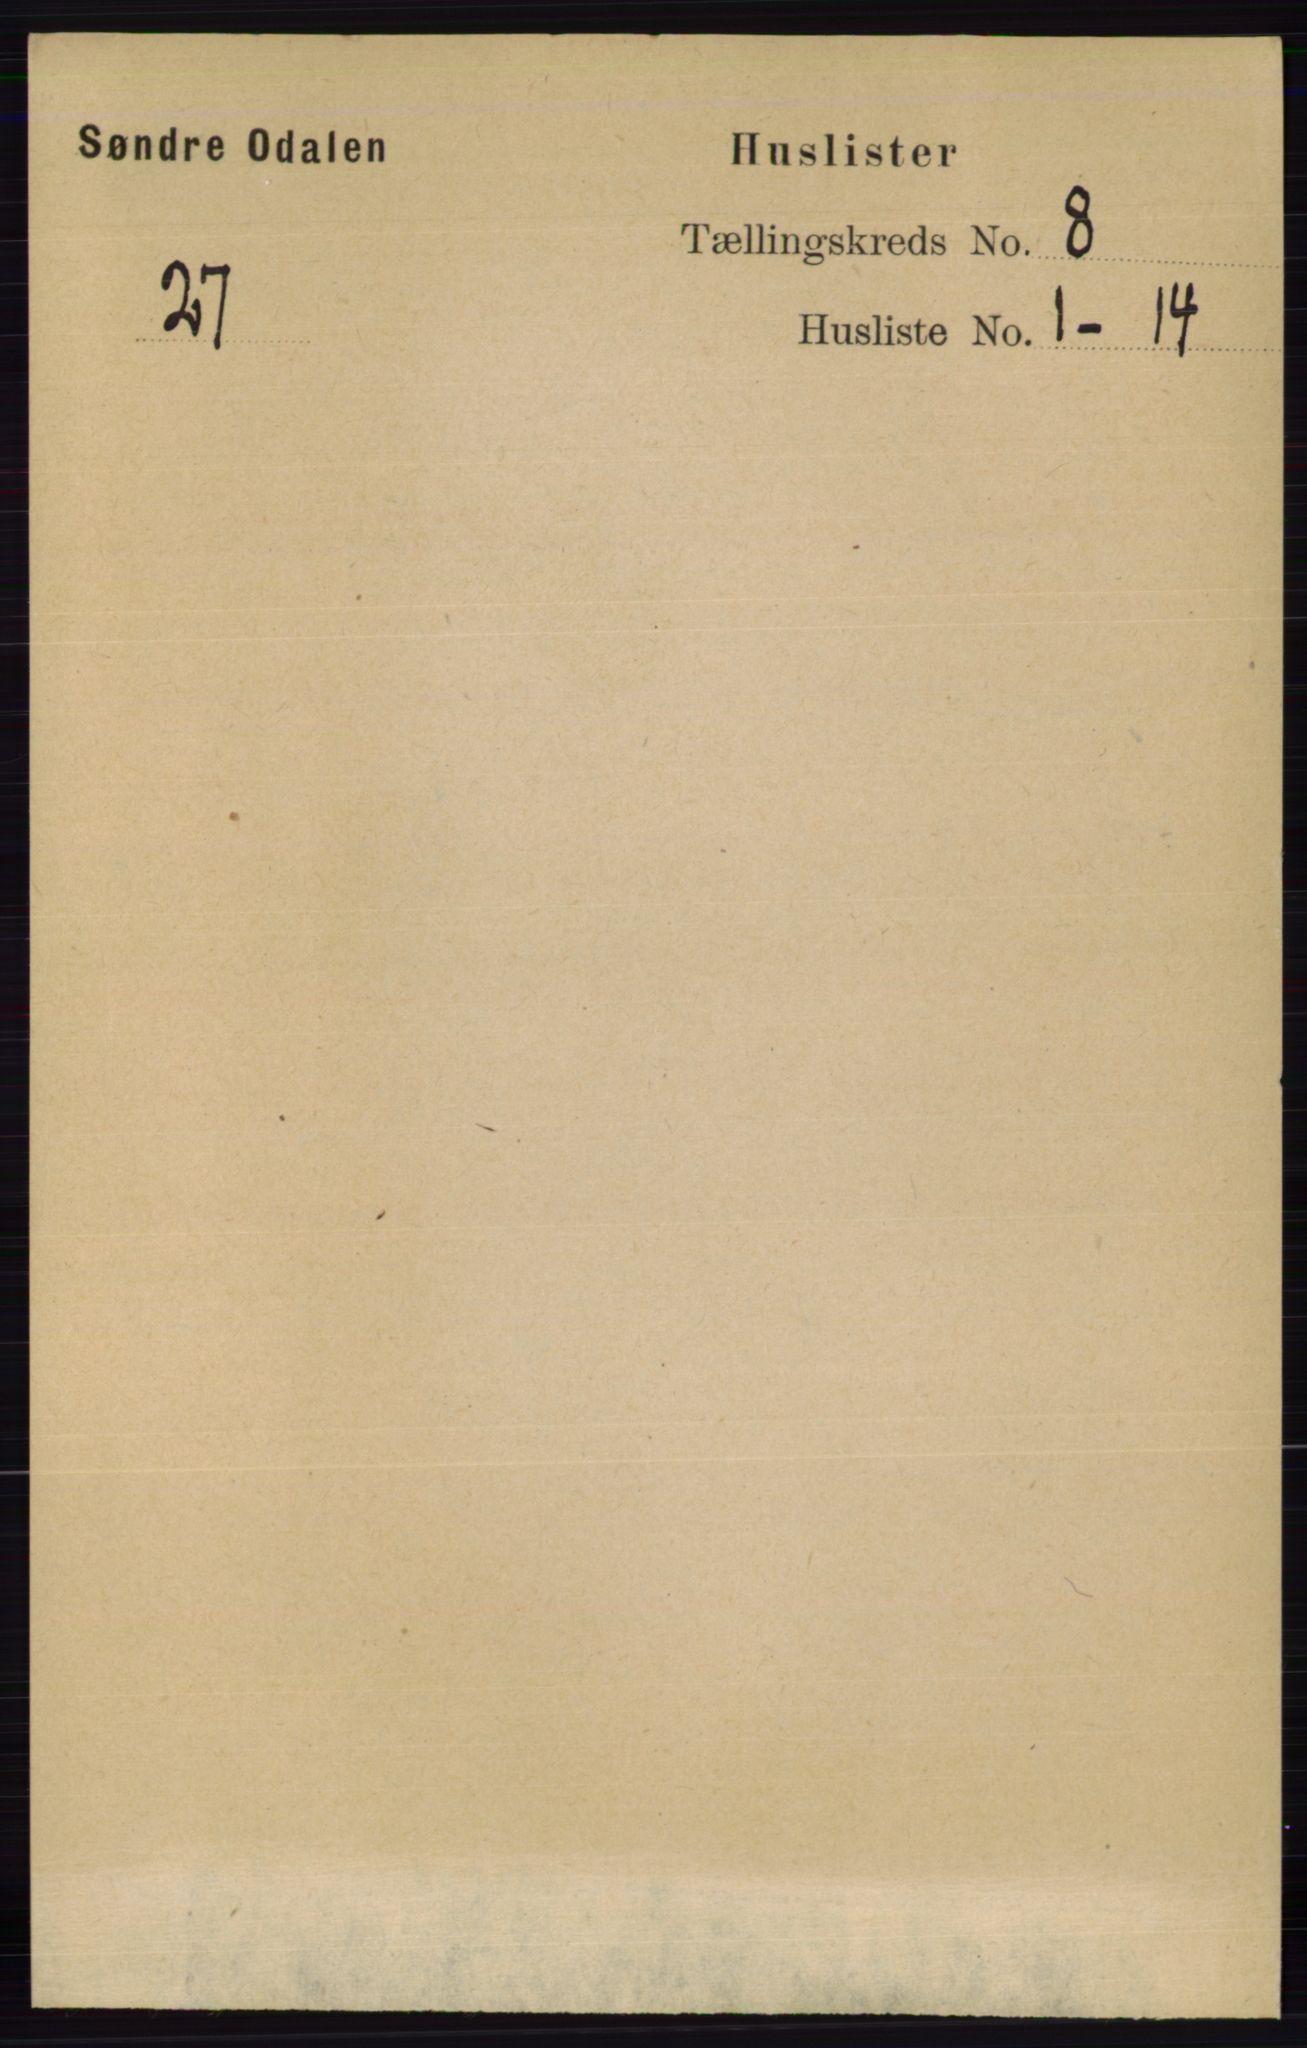 RA, Folketelling 1891 for 0419 Sør-Odal herred, 1891, s. 3960